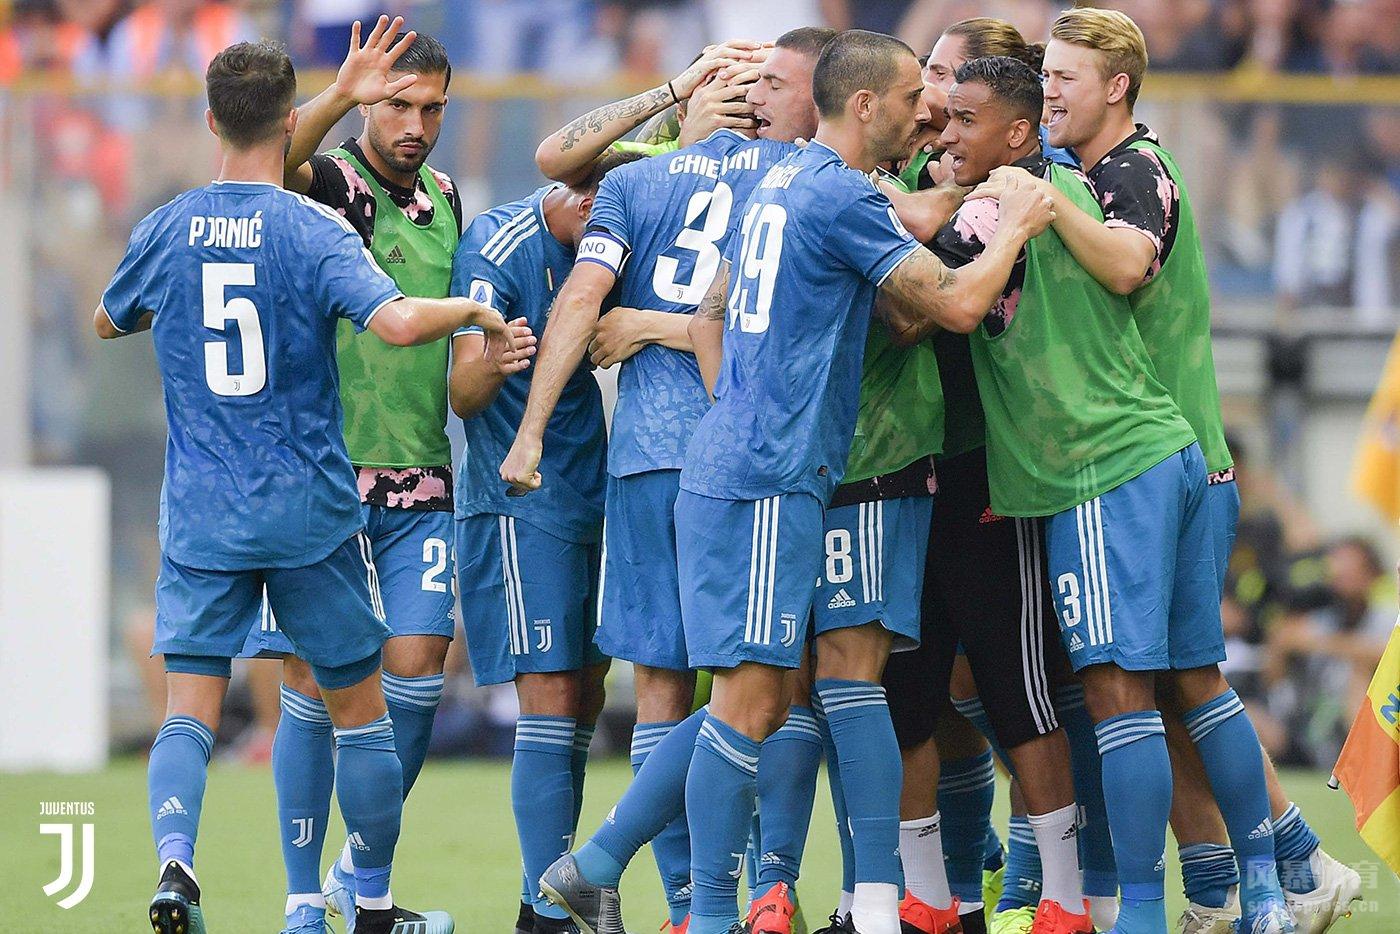 北京时间8月25日凌晨0:00,新赛季意甲揭幕战,尤文图斯客场对阵帕尔马。上半场,基耶利尼为尤文打入赛季首球,C罗打入一球被判越位无效;下半场比赛,双方再无建树。最终尤文图斯1-0战胜帕尔马,取得赛季开门红。